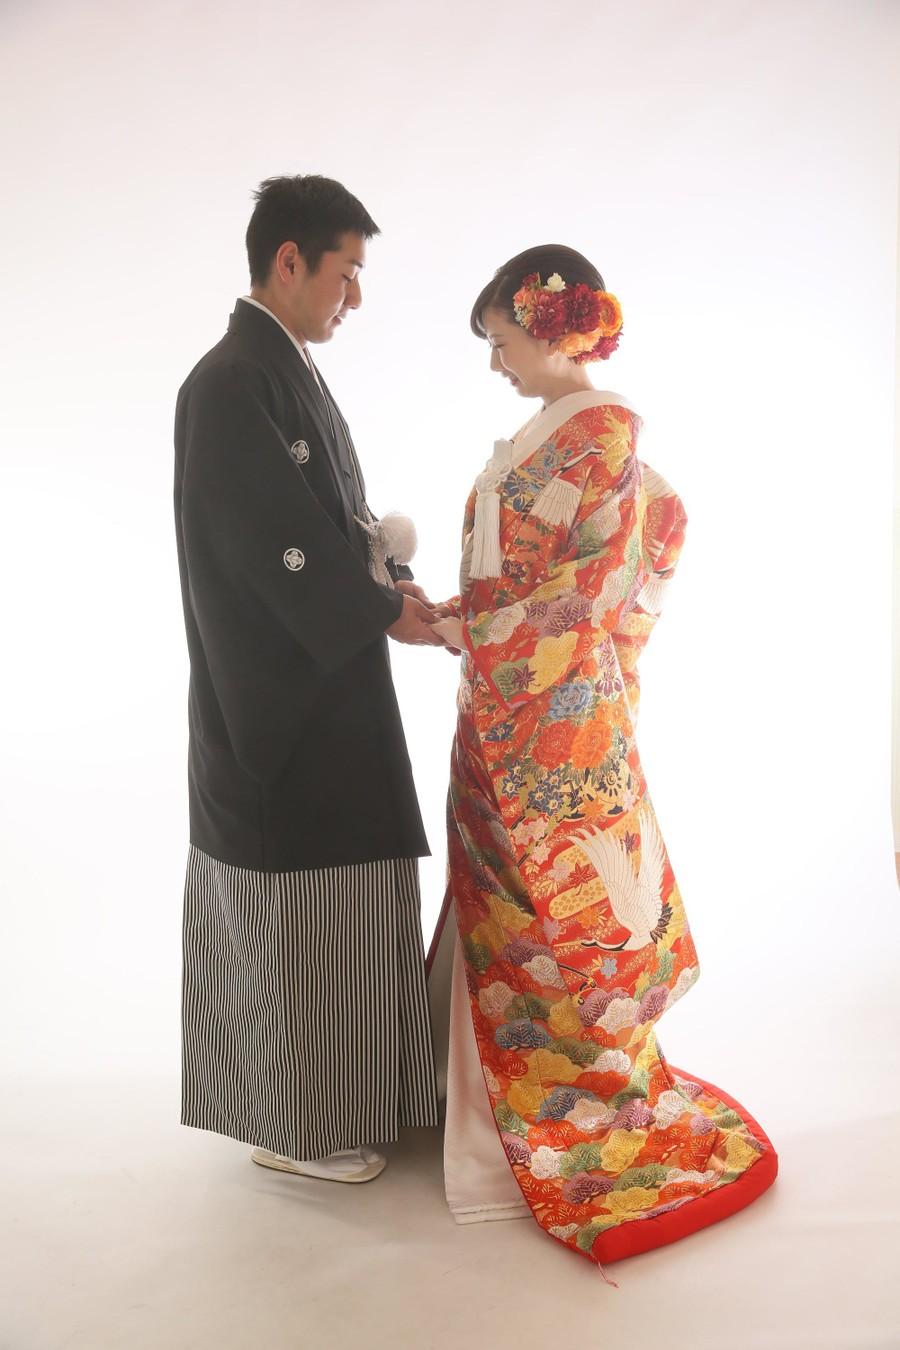 スタジオ 和装 紋付袴 ロケーション 海 色打掛 ドレス ウェディングドレス